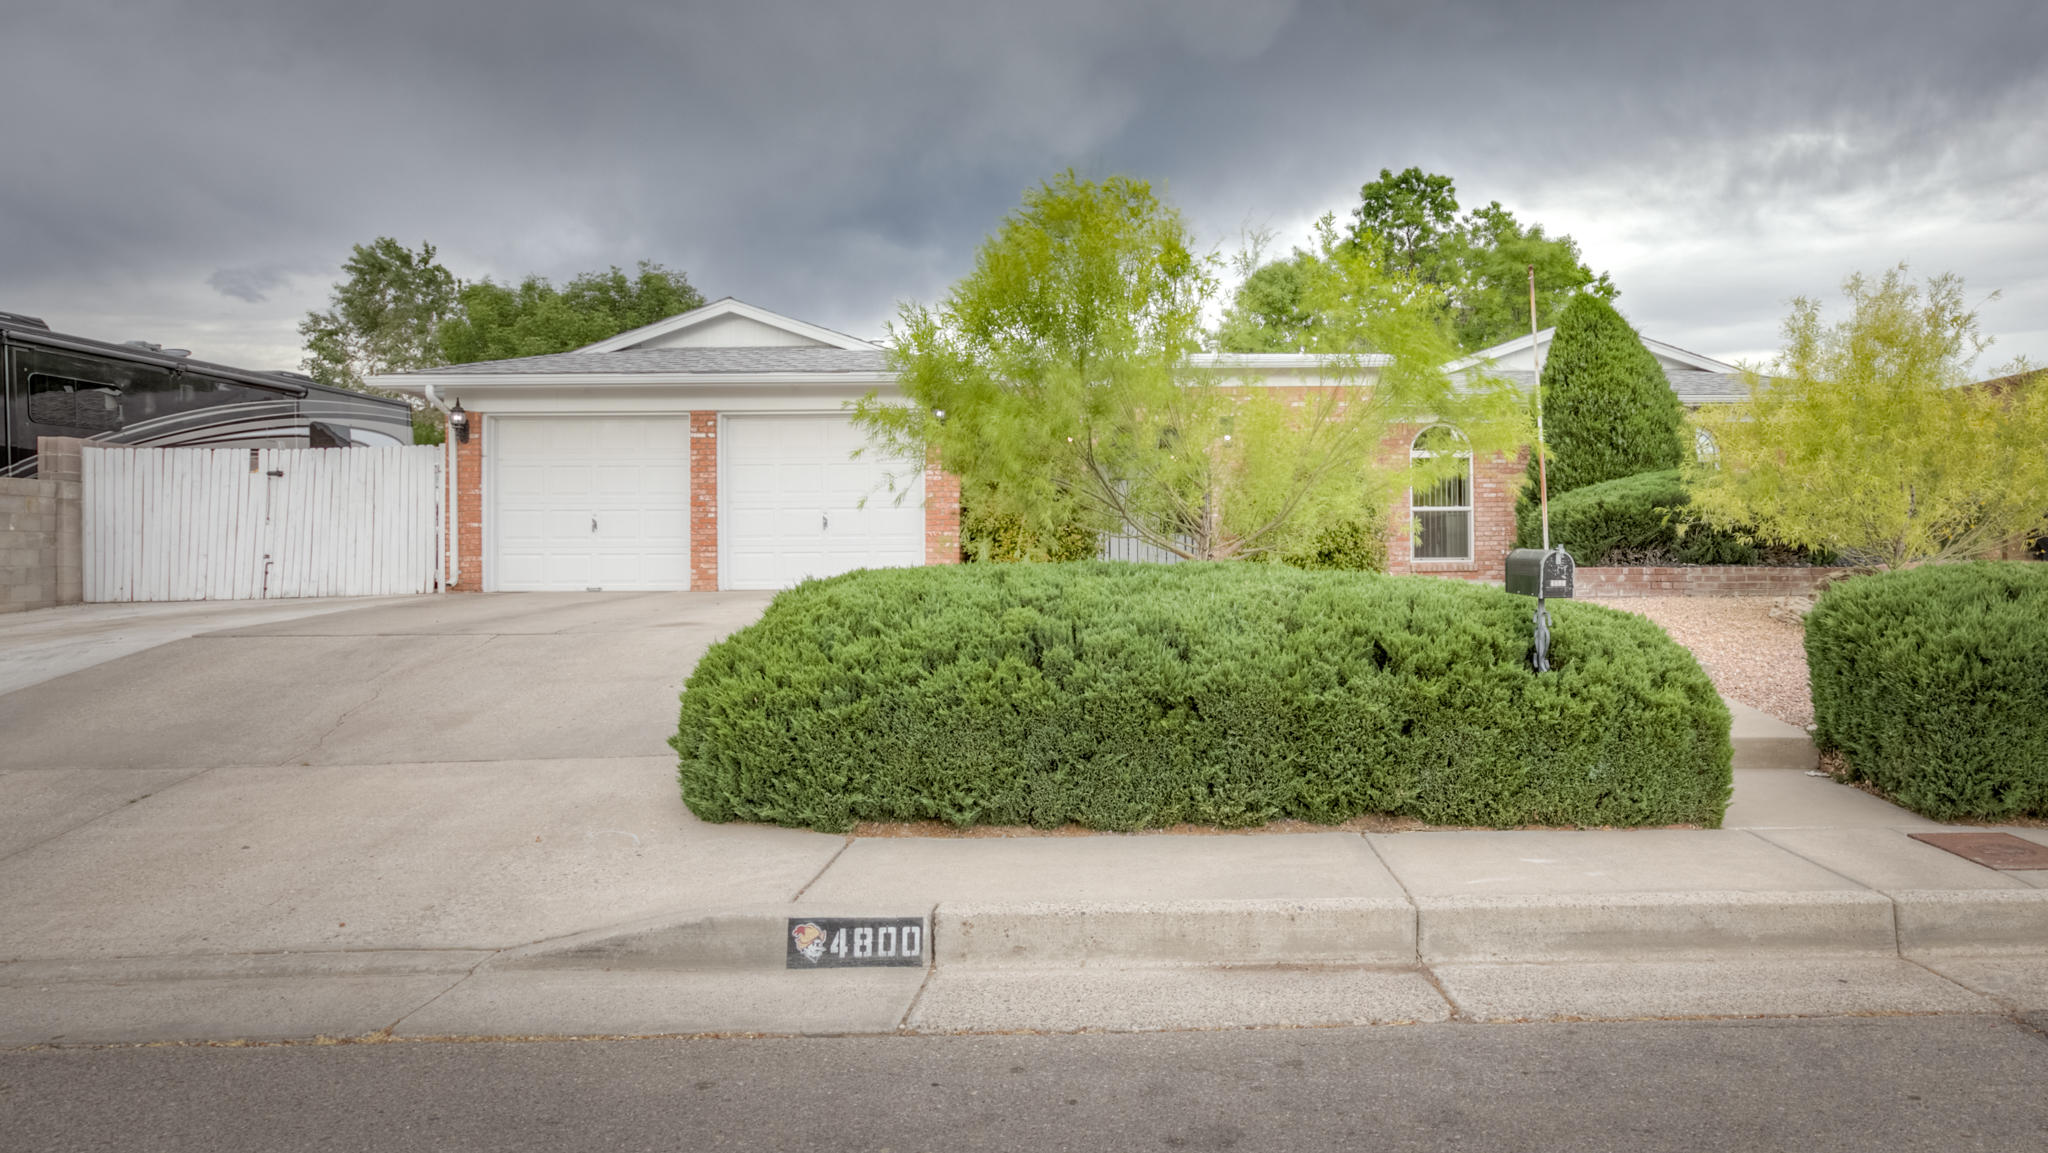 4800 DONA ROWENA Avenue, Albuquerque NM 87111